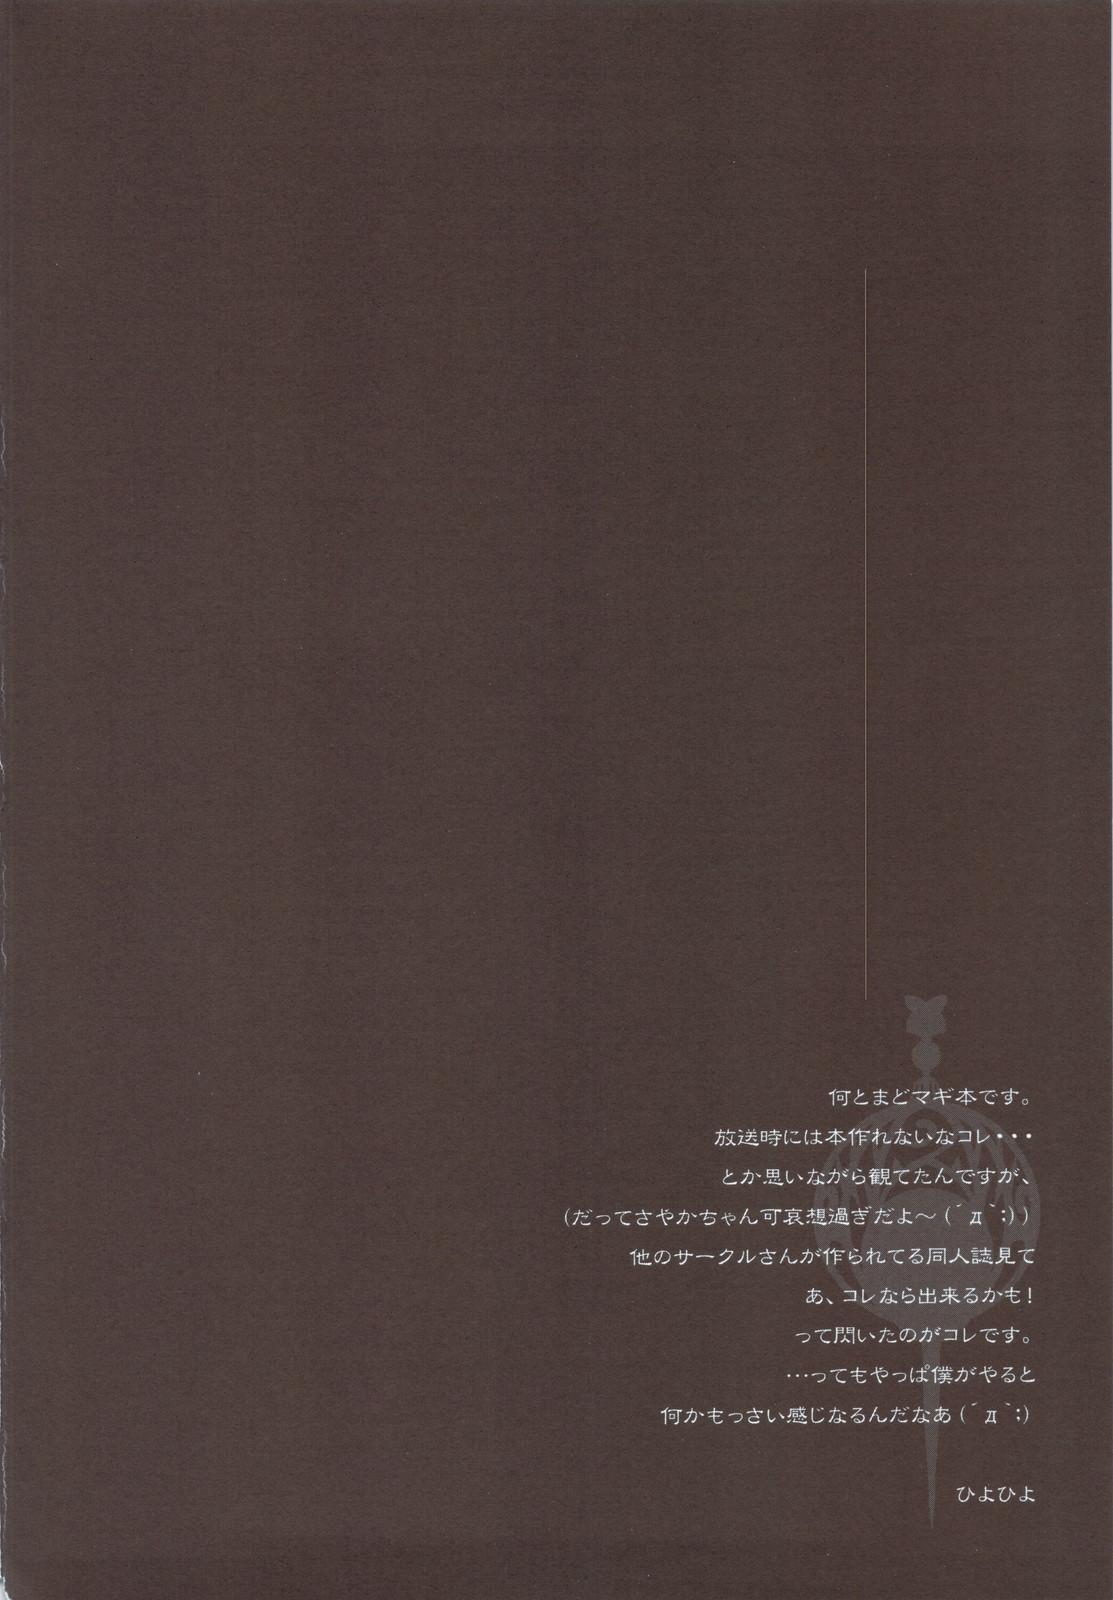 Mahou Shoujo Tai 3